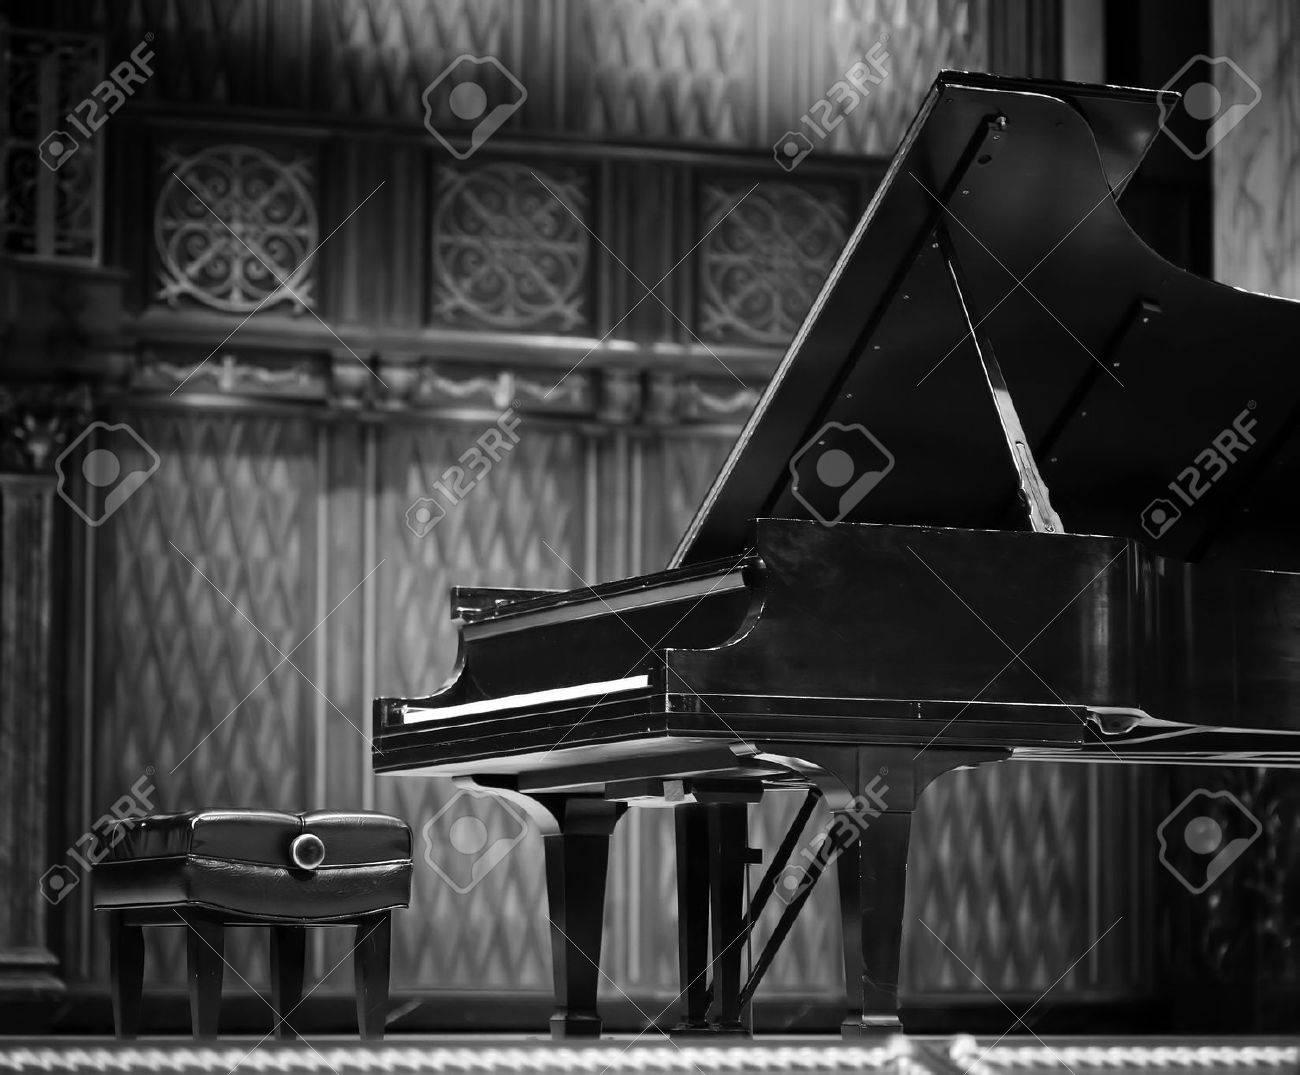 Concert grand piano - 39637453